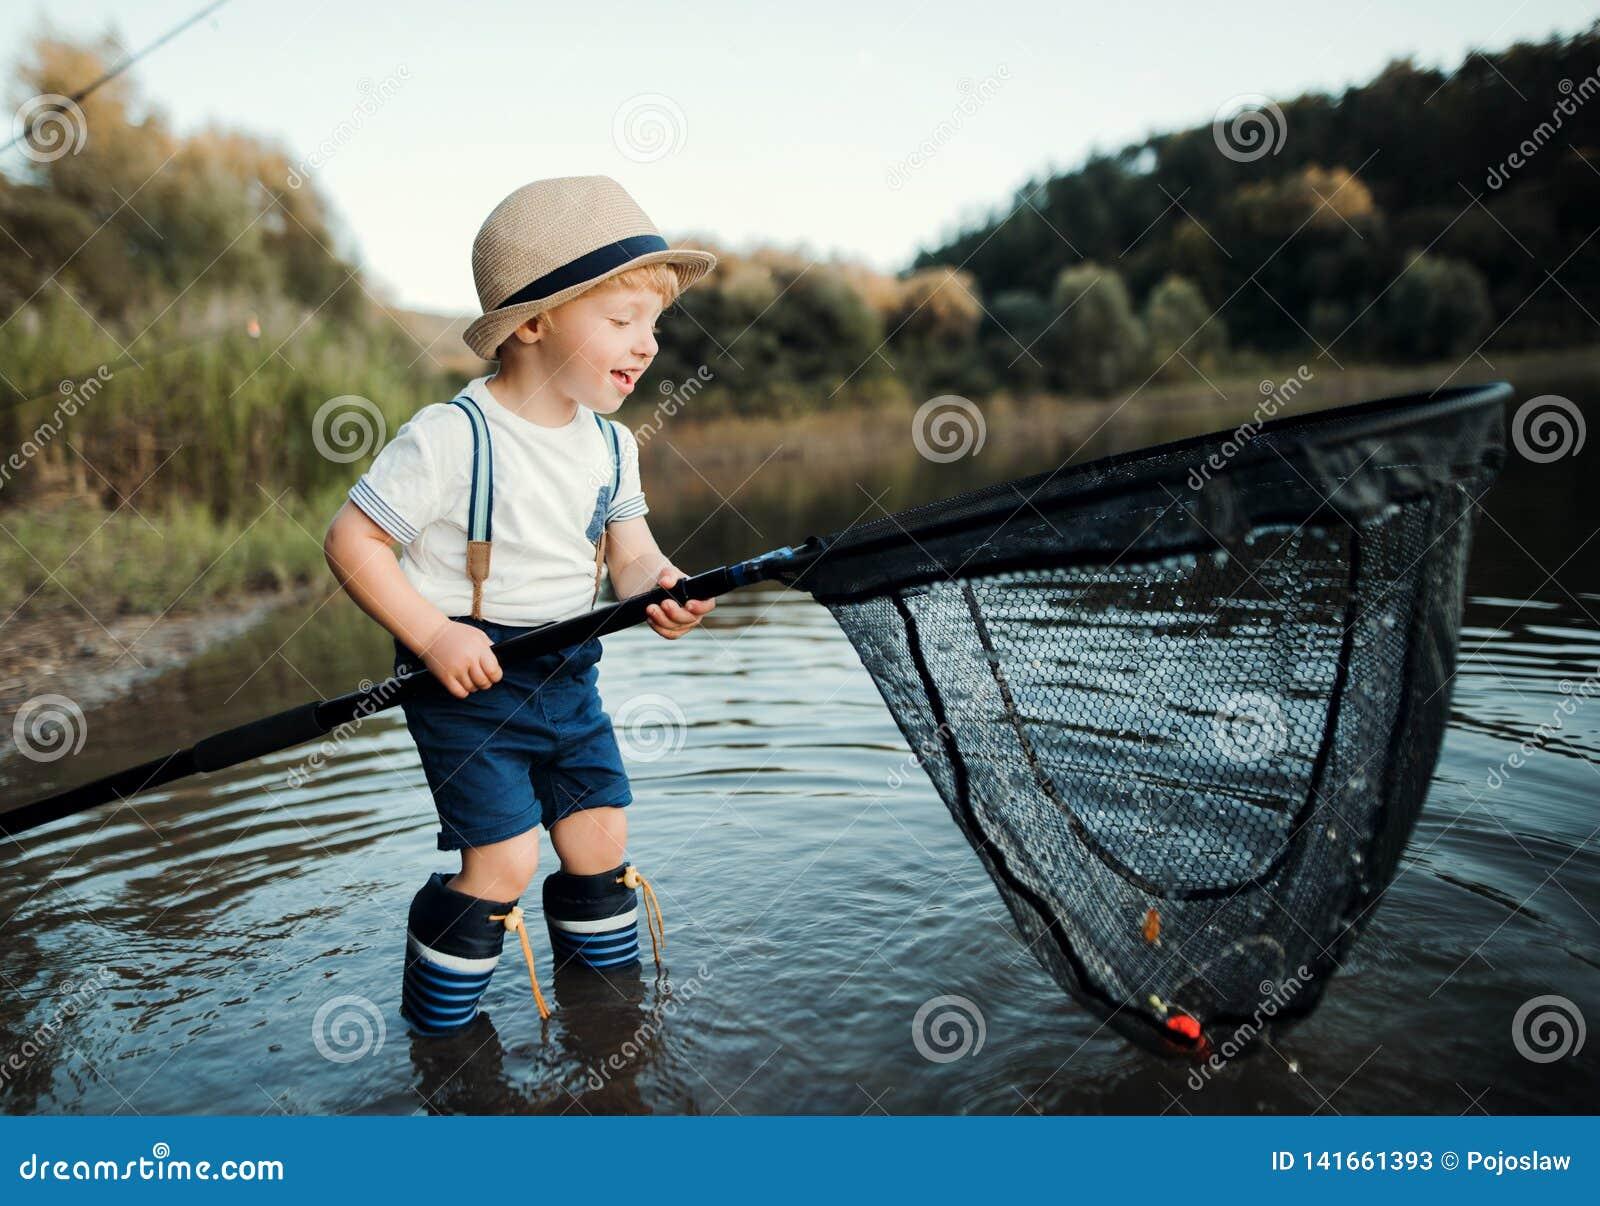 Ett litet litet barnpojkeanseende i vatten och rymma ett netto av en sjö som fiskar